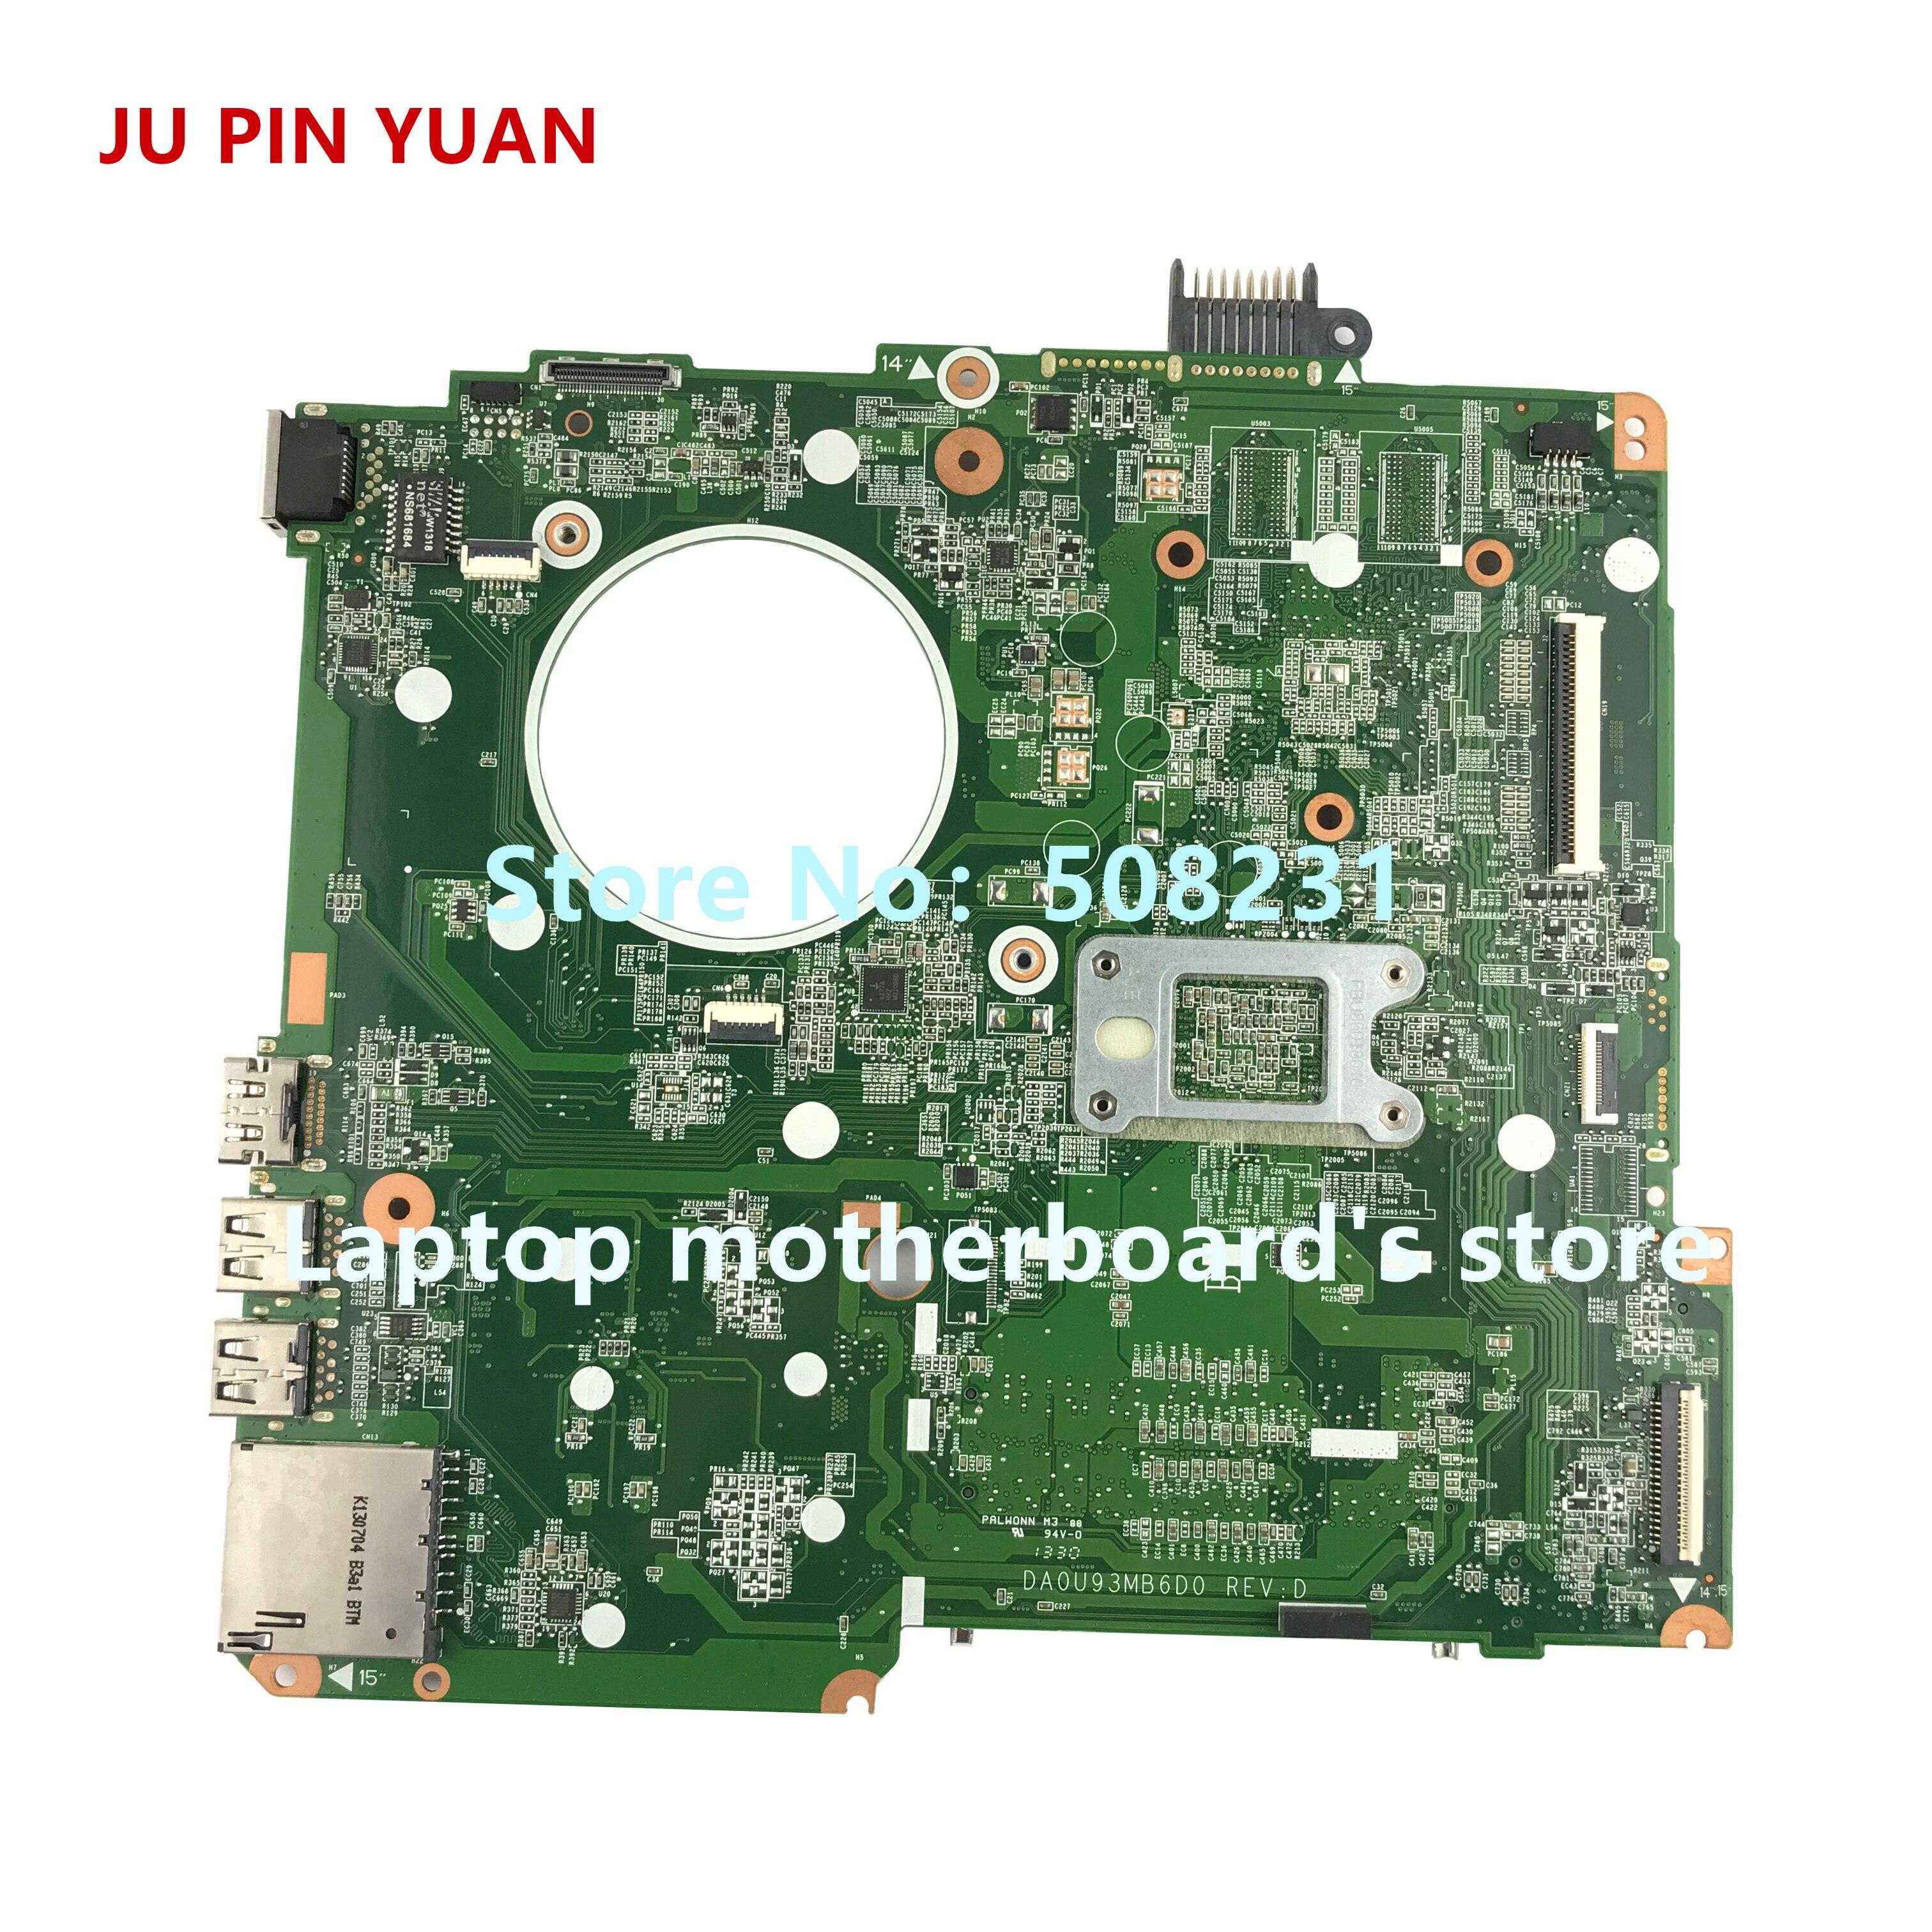 Ju pin Yuan 734827-501, 734827-001 U93 DA0U93MB6D0 para HP PAVILION 15-N 15Z-N placa base de computadora portátil con A6-5200 totalmente